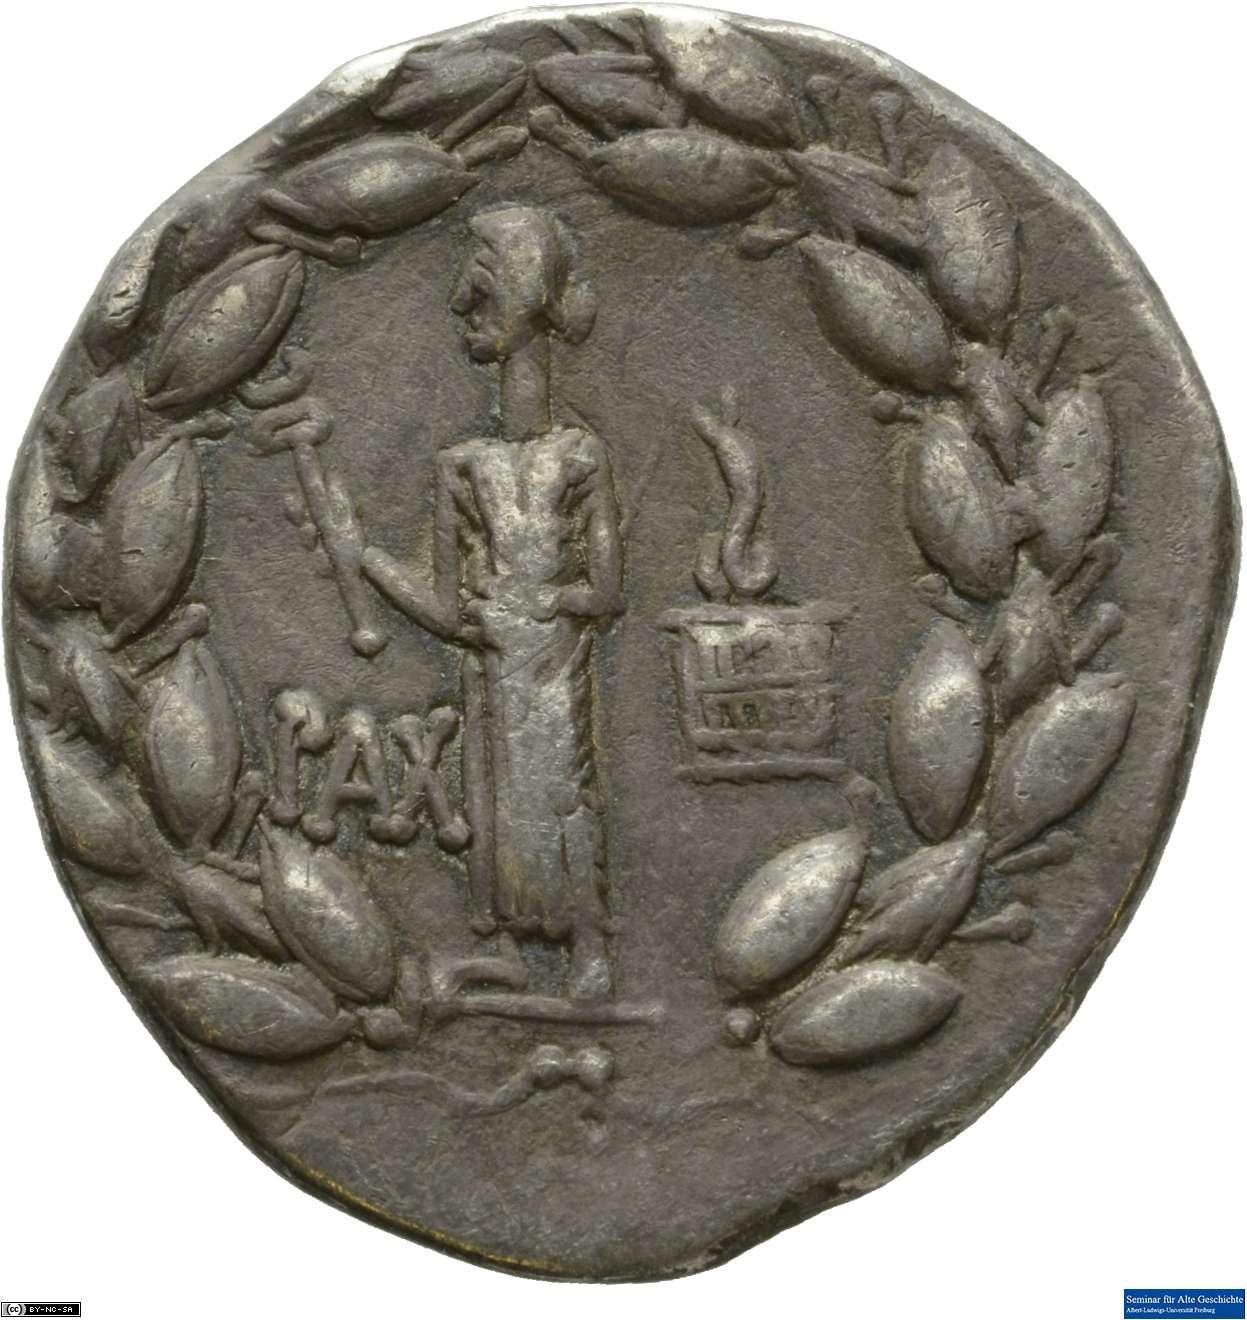 """Pax aufrecht stehend und nach links gewandt hält einen <em>caduceus</em> in der Rechten und steht auf einem Schwert; im rechten Bildfeld eine <em>cista mystica</em> mit emporstrebender Schlange; eingefasst in einen Lorbeerkranz. Cistophor aus Ephesos, 28 v. Chr., Silber, Durchmesser 2,8 cm, Gewicht 11,49 g, Freiburg, Seminar für Alte Geschichte (aktuell im Uniseum MU-001/25), Inv.-Nr. 00535. <br>Quelle: Münzsammlung des Seminars für Alte Geschichte, Universität Freiburg<br>Lizenz: <a href=""""https://creativecommons.org/licenses/by-nc-sa/3.0/de/"""">Creative Commons BY-NC-SA 3.0</a>"""